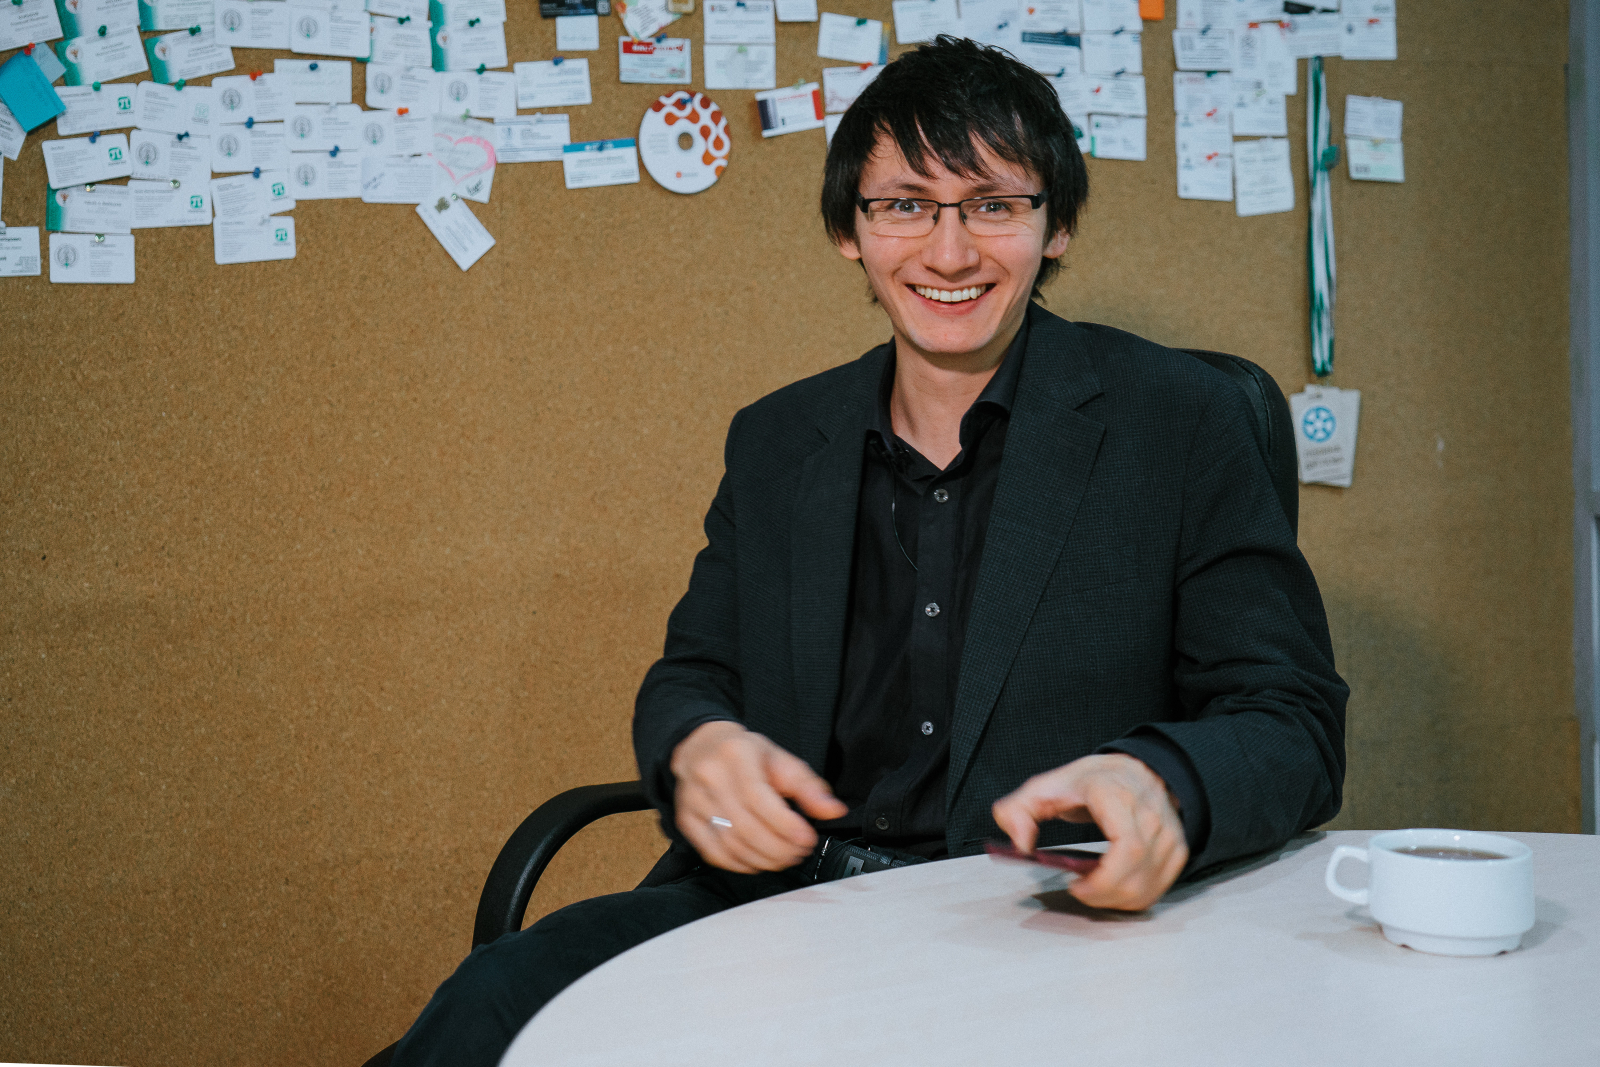 Сергей Ле-Захаров: «Музыка и математика – различные инструменты описания одних и тех же сущностей»